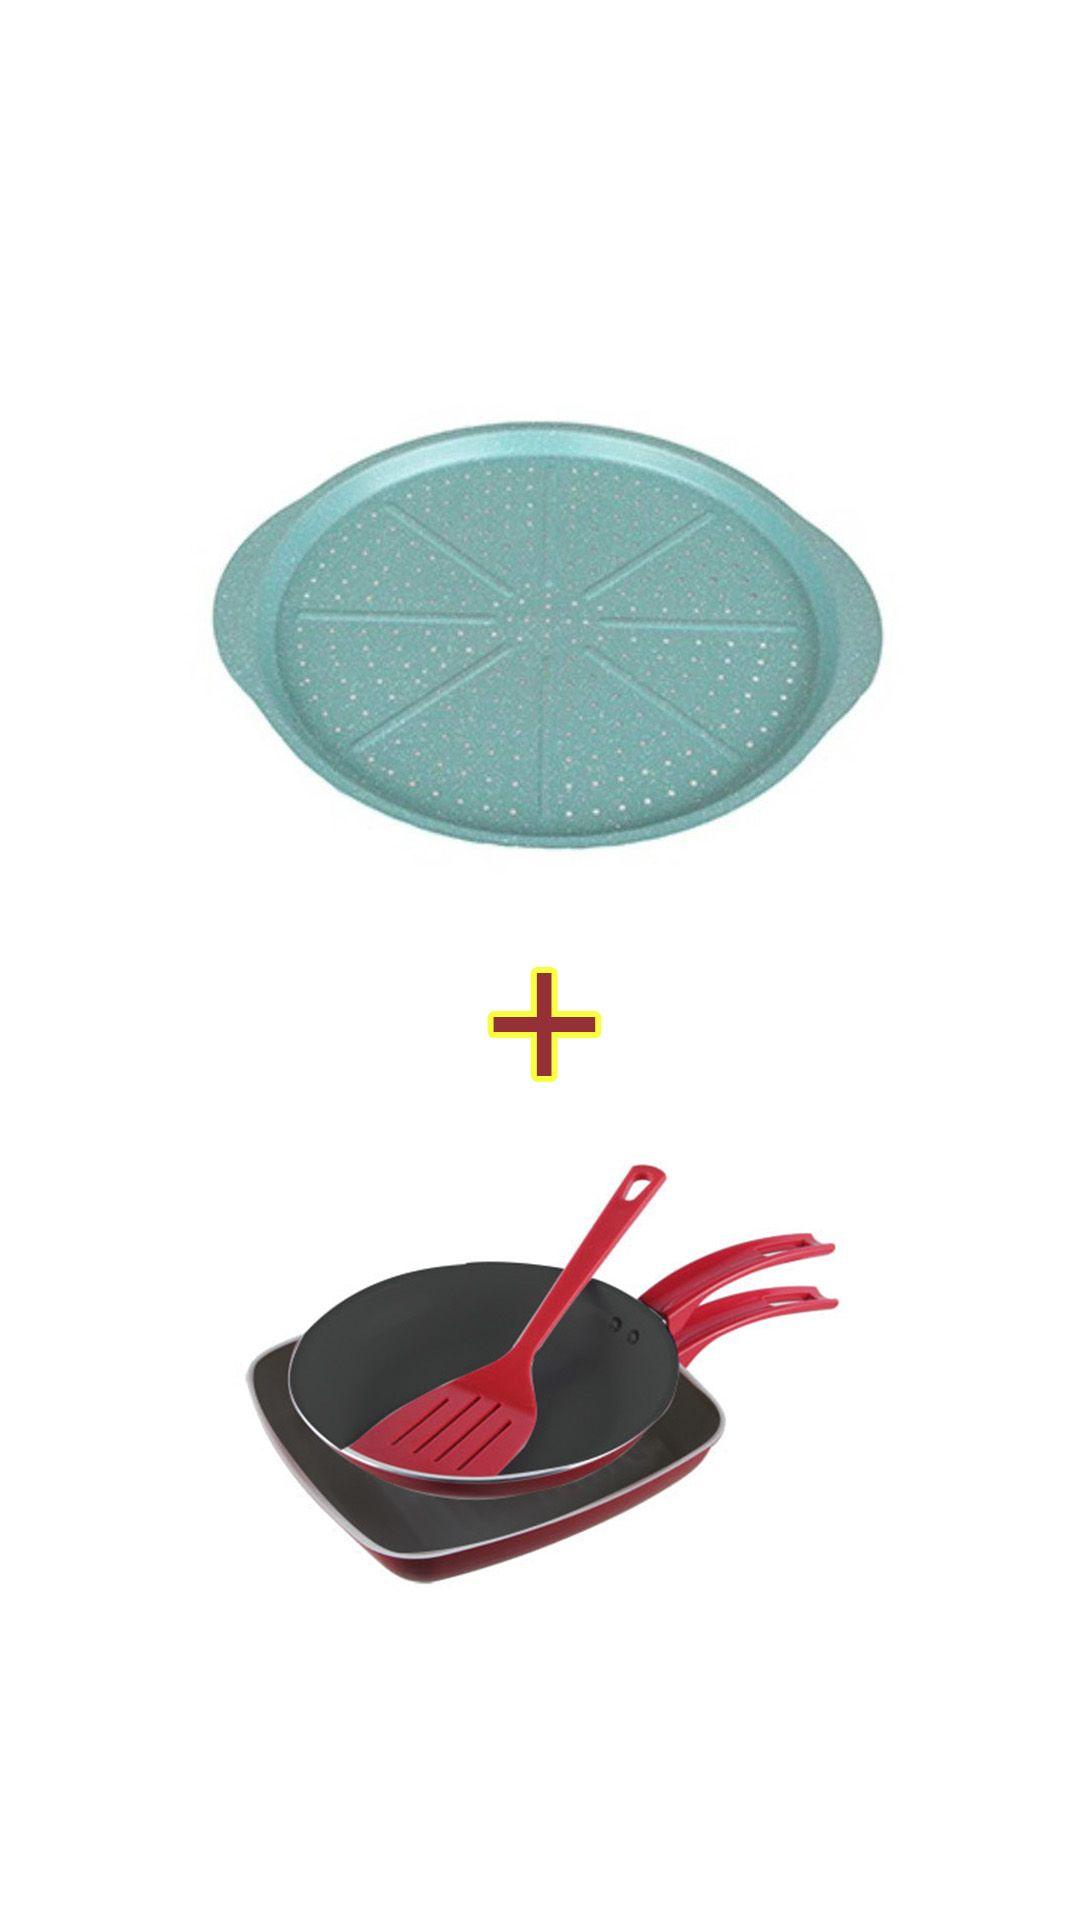 Kit Jogo com 1 frigideira 1 bistekeira AL012 + Forma para pizza 38x35cm